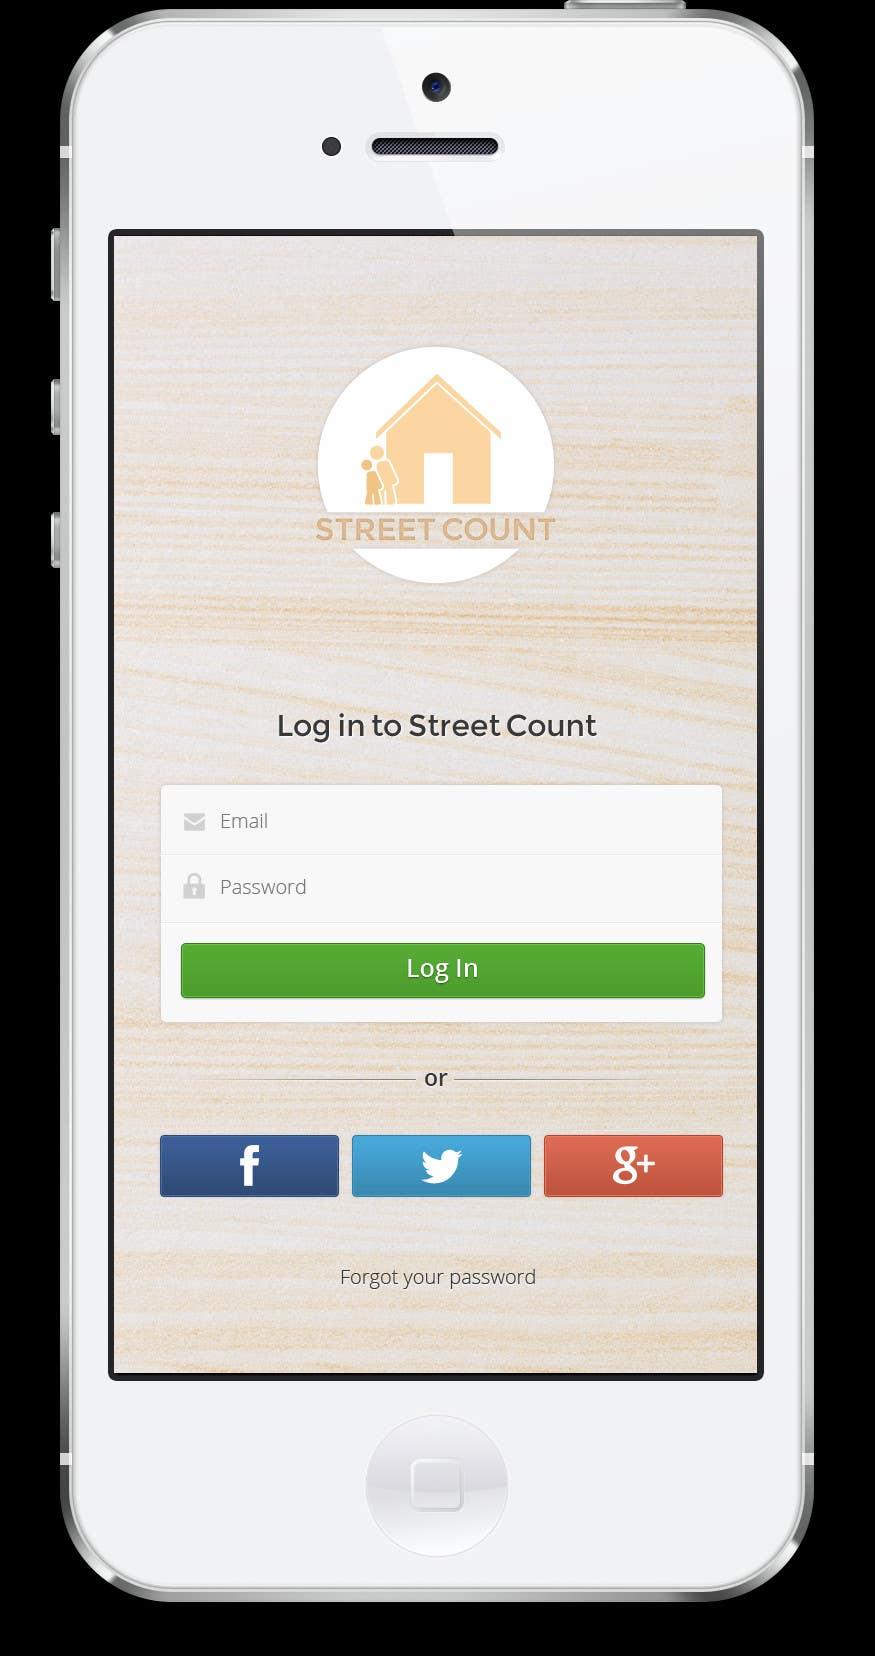 Bài tham dự cuộc thi #                                        4                                      cho                                         Design an App Mockup for Homeless Tracking Mobile App